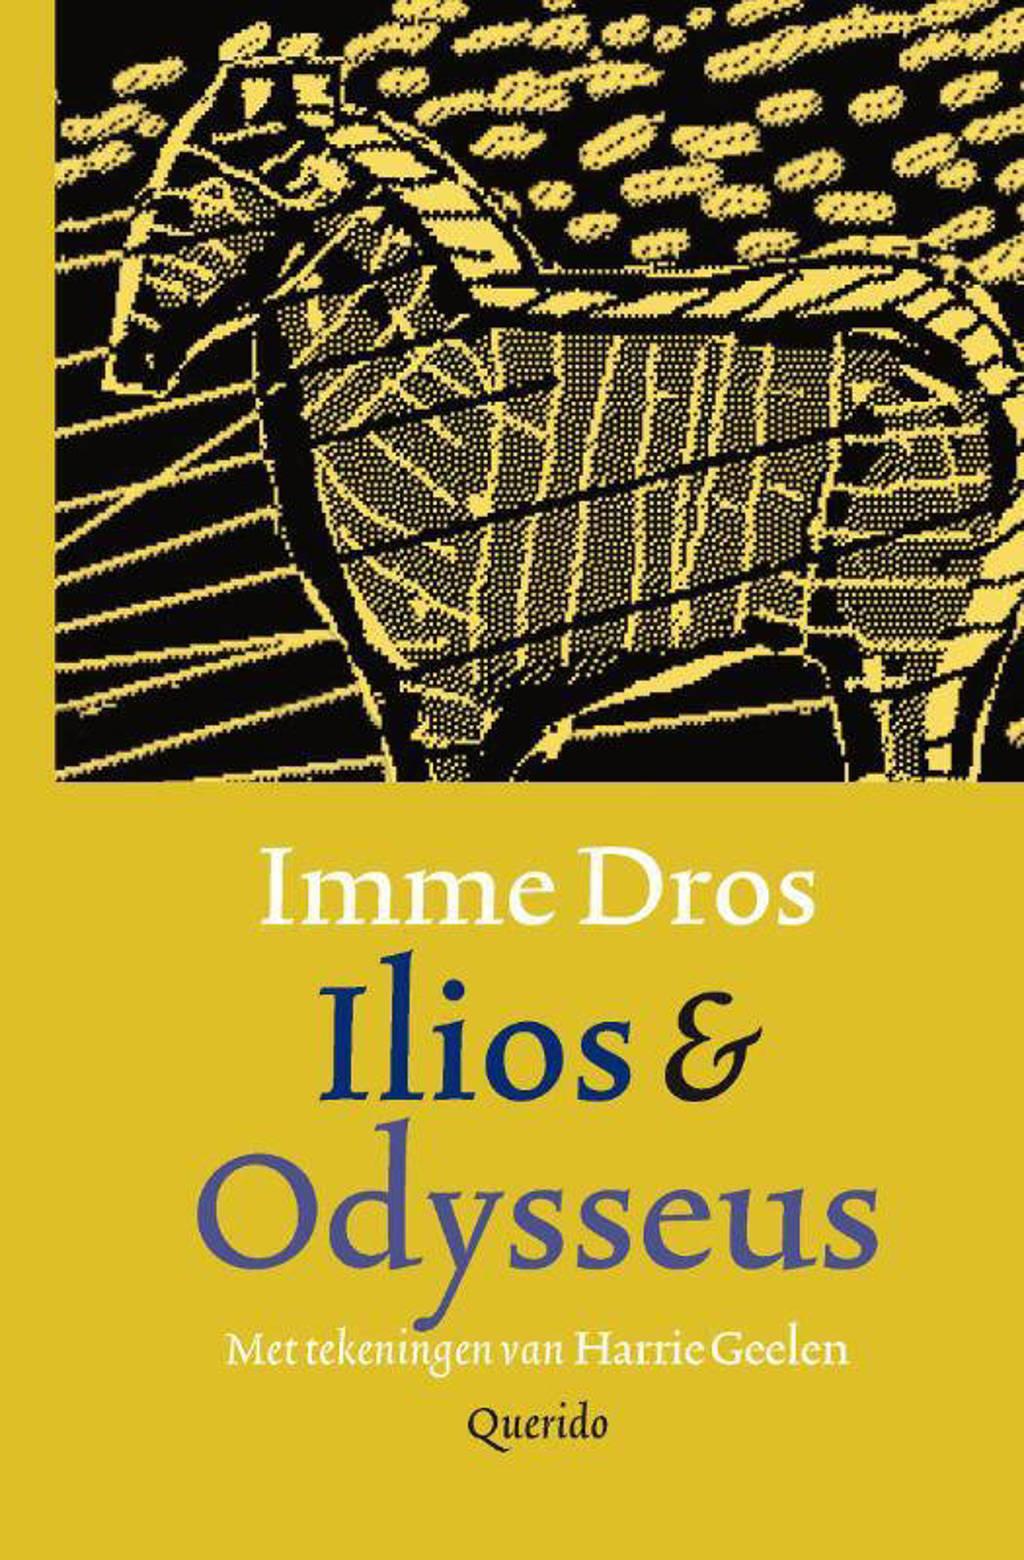 Ilios & Odysseus - Imme Dros